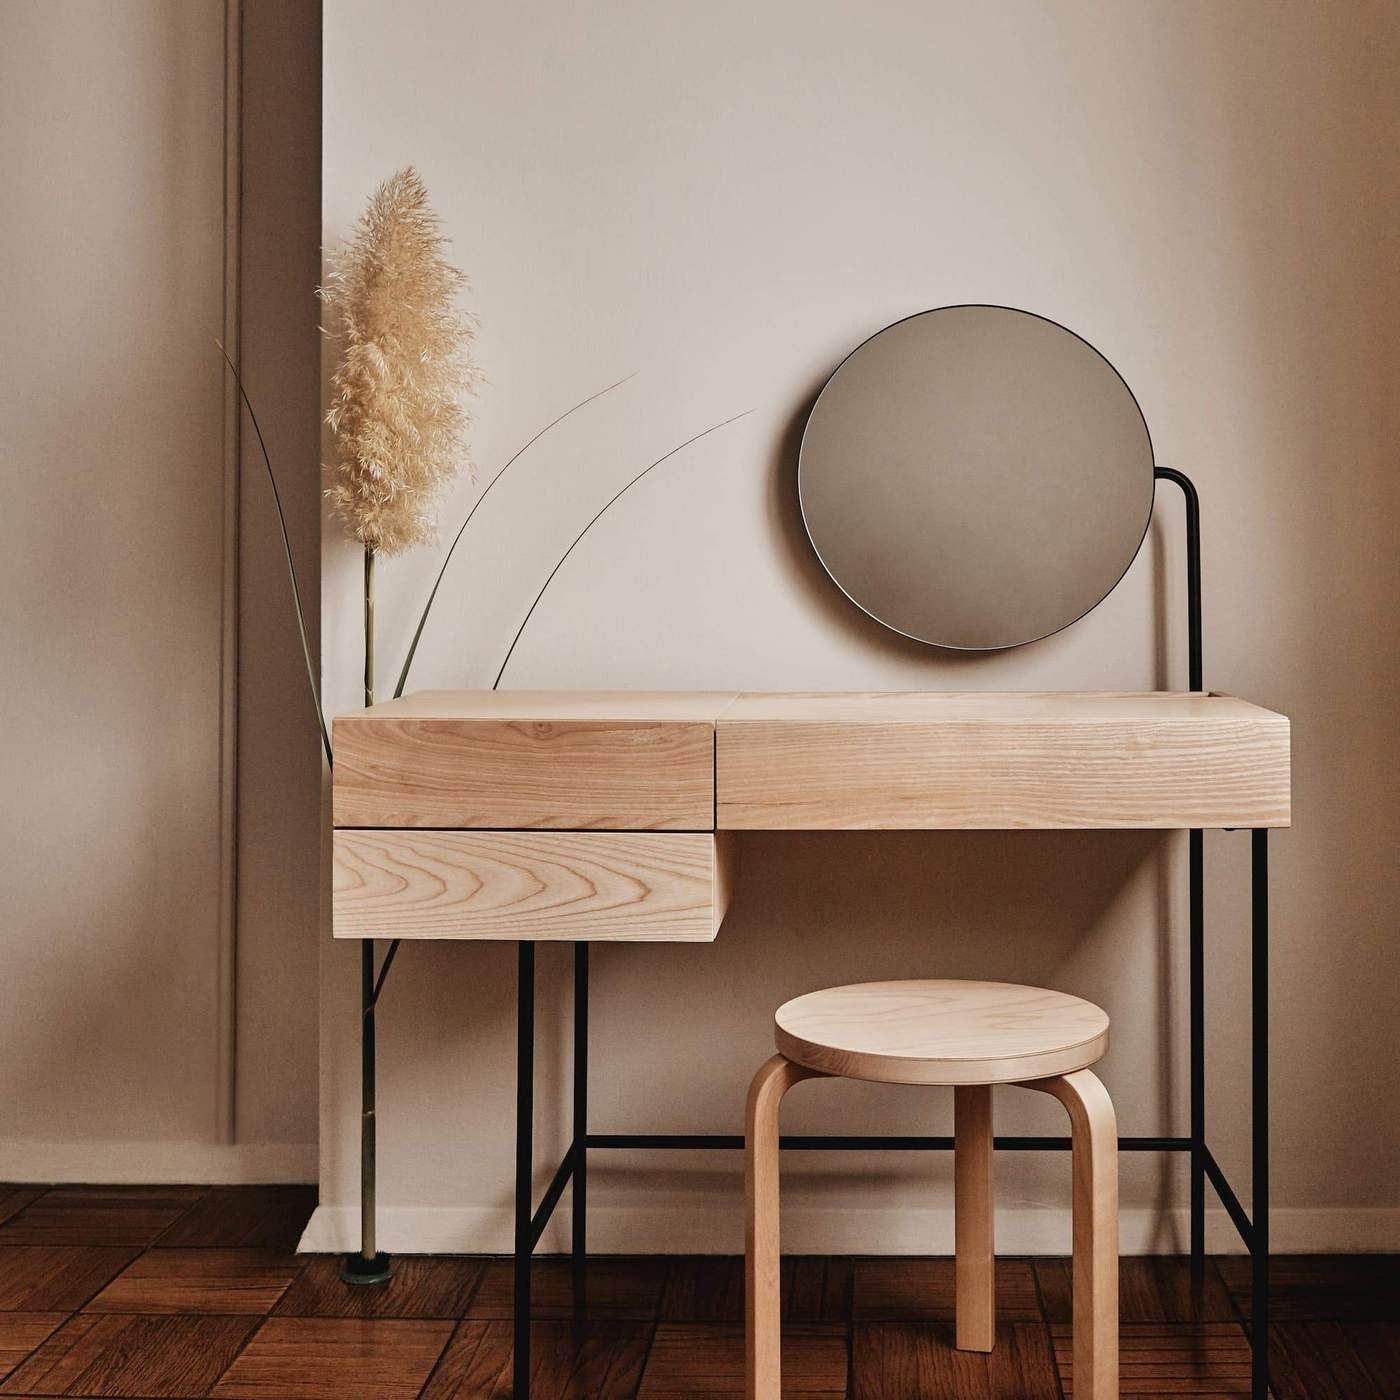 Minimalist vanity in natural wood